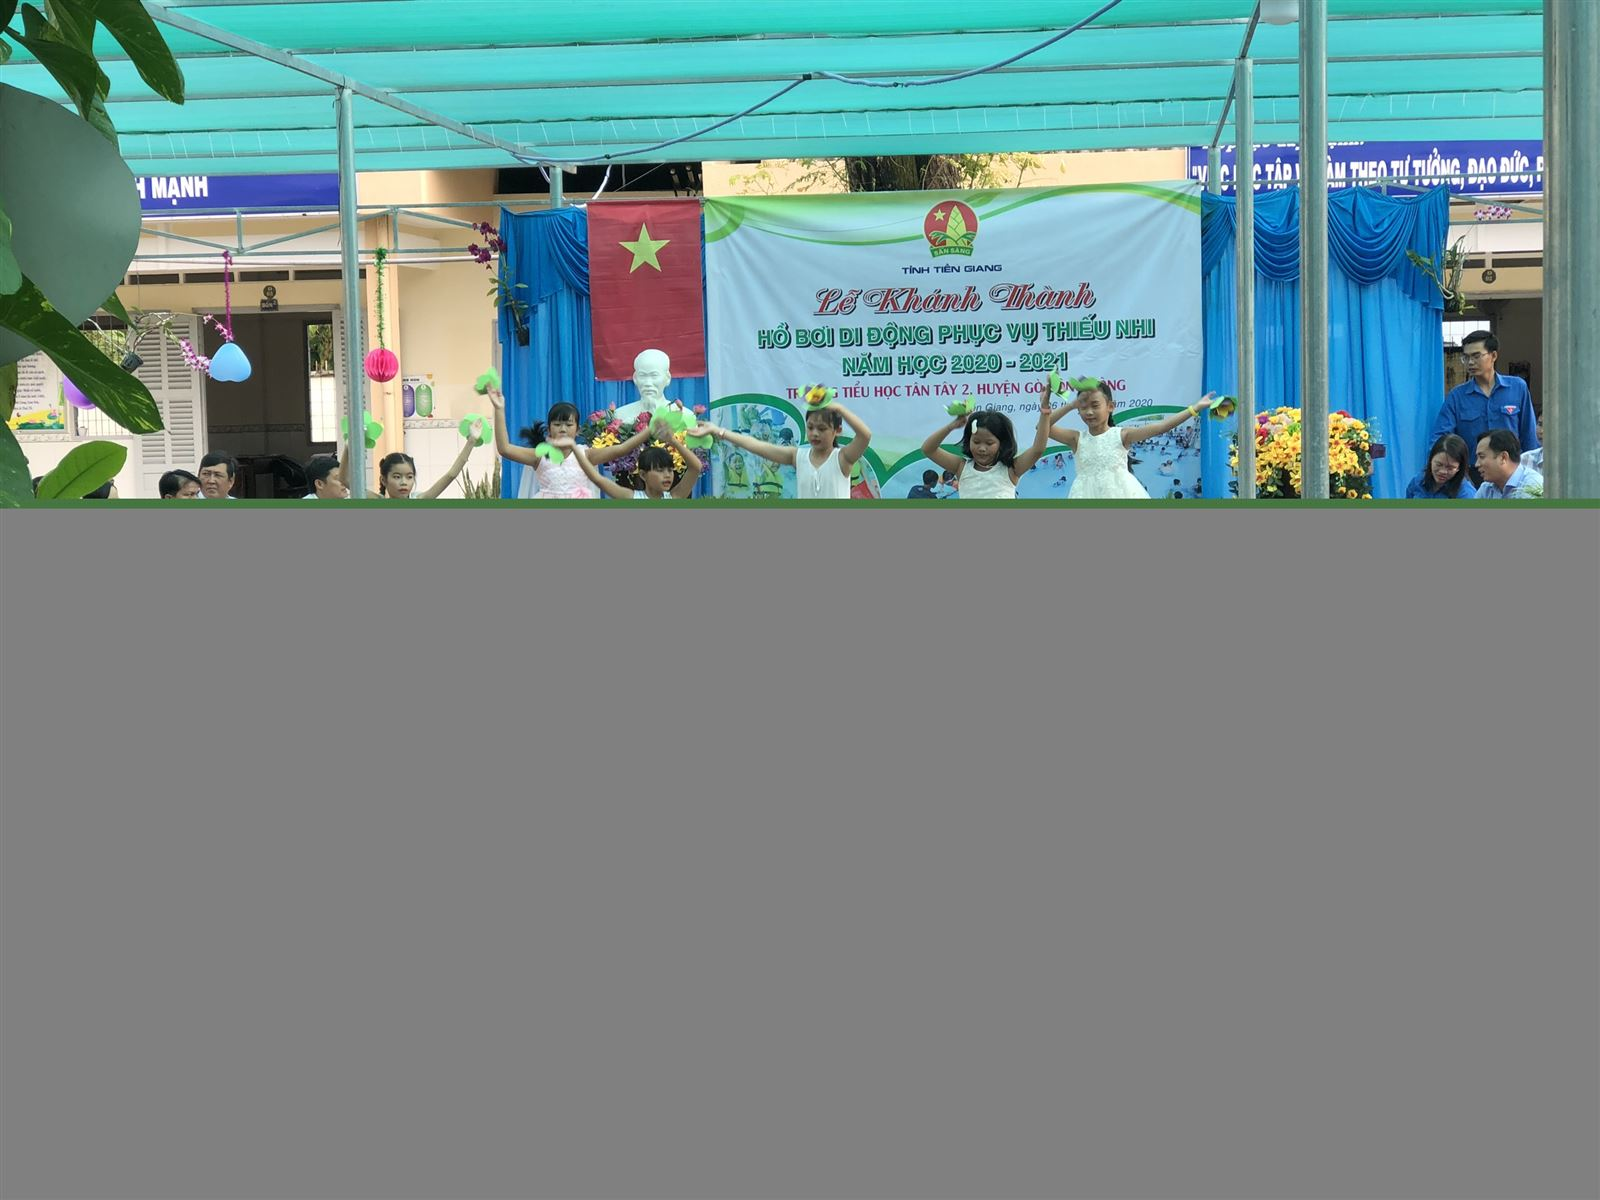 Tiền Giang: Lễ khánh thành Hồ bơi di động cho thiếu nhi và họp lệ Hội đồng Đội lần I, năm học 2020 - 2021